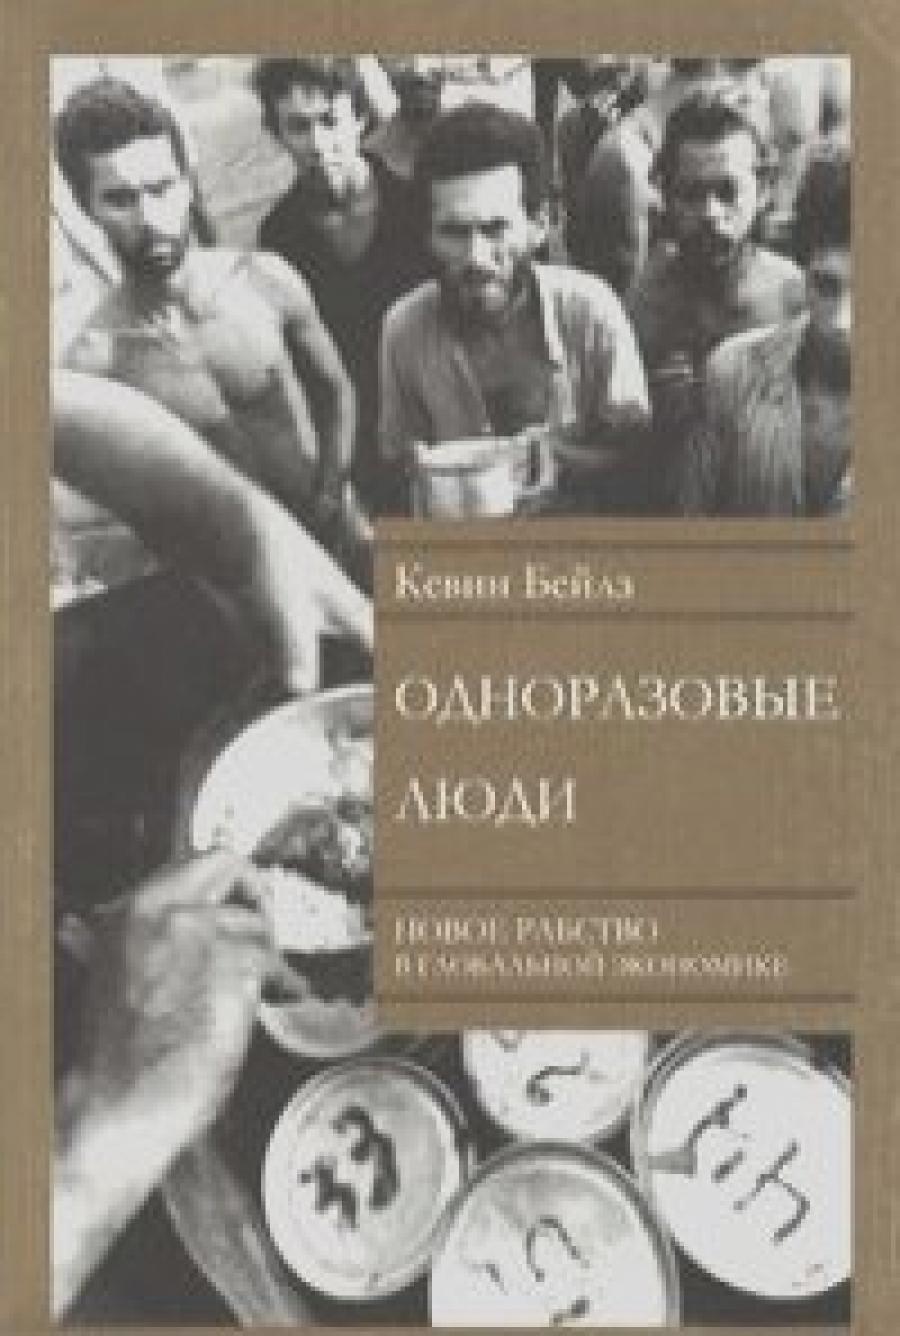 Обложка книги:  кевин бэйлз - одноразовые люди. новое рабство в глобальной экономике